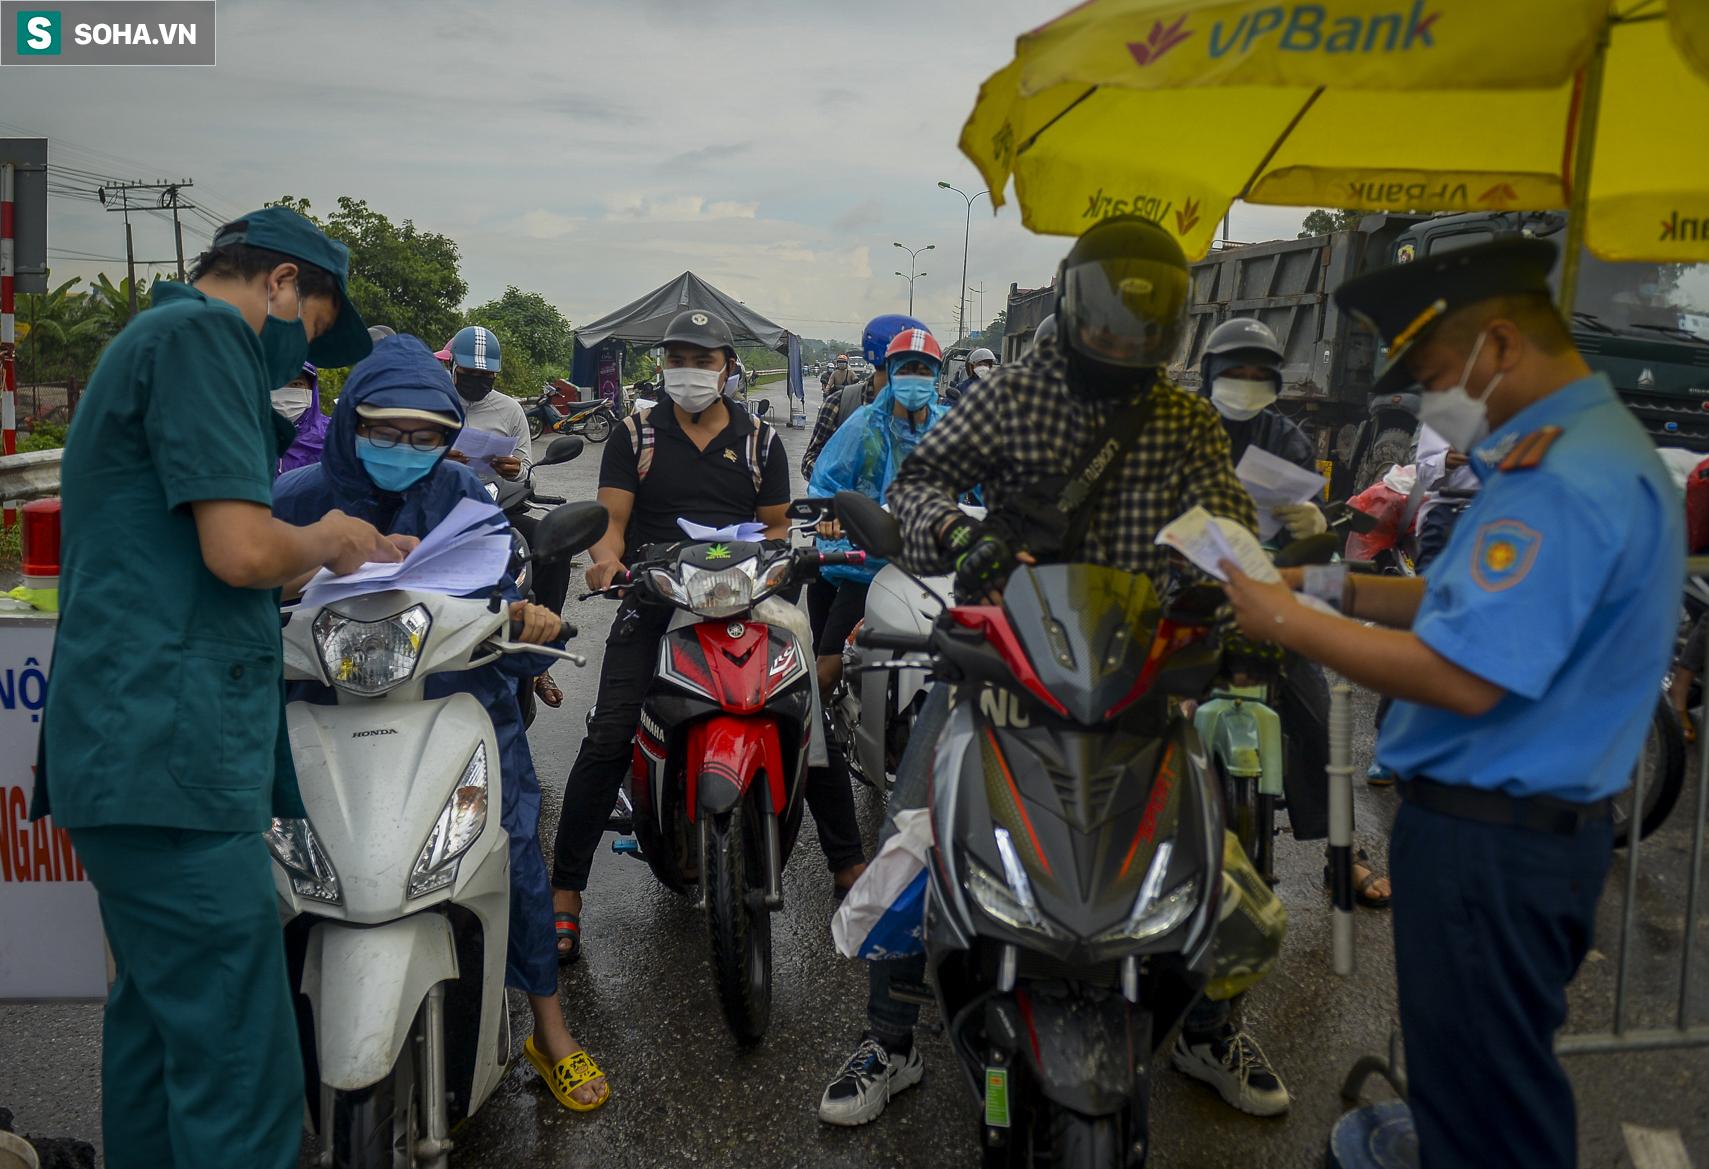 Đi xe máy hơn 1.500km ra Hà Nội, 2 bố con ăn ngủ tại chốt Cầu Giẽ chờ người đưa đi cách ly - Ảnh 1.